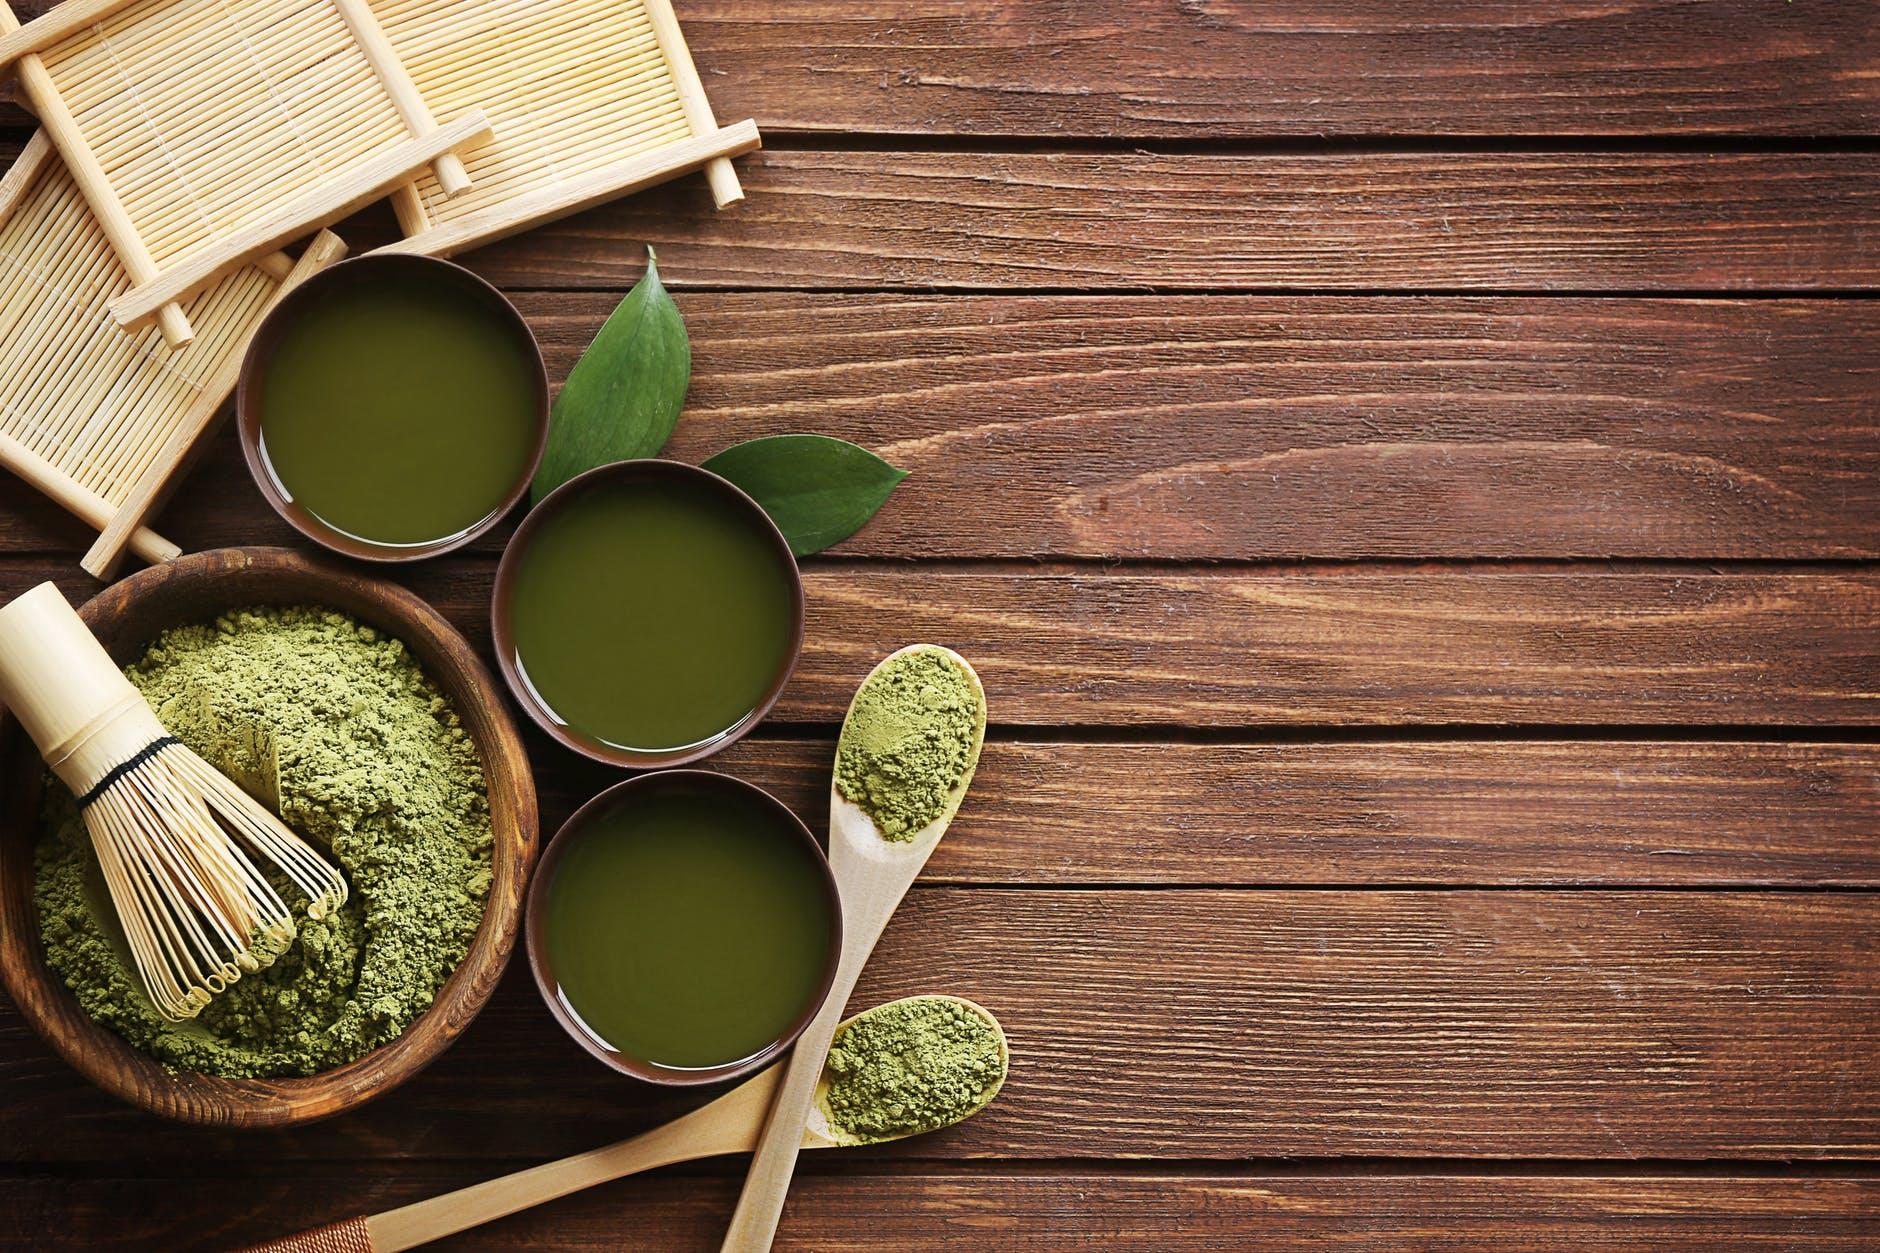 Teh Merupakan Minuman Herbal yang Disukai oleh Banyak Orang (Foto: Pexels)